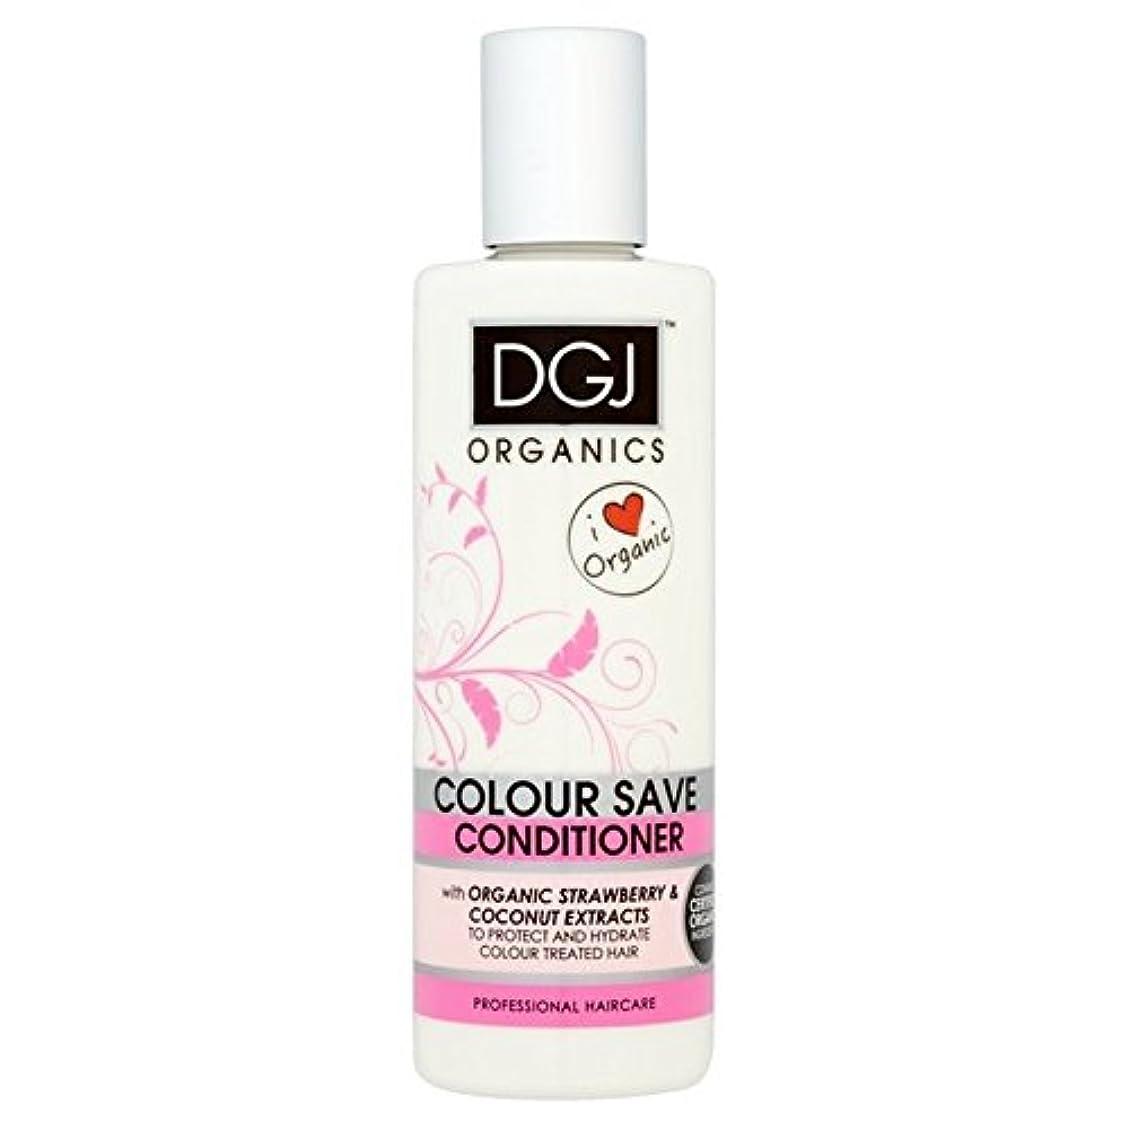 正確に定期的に谷有機物の色コンディショナー250を保存 x4 - DGJ Organics Colour Save Conditioner 250ml (Pack of 4) [並行輸入品]